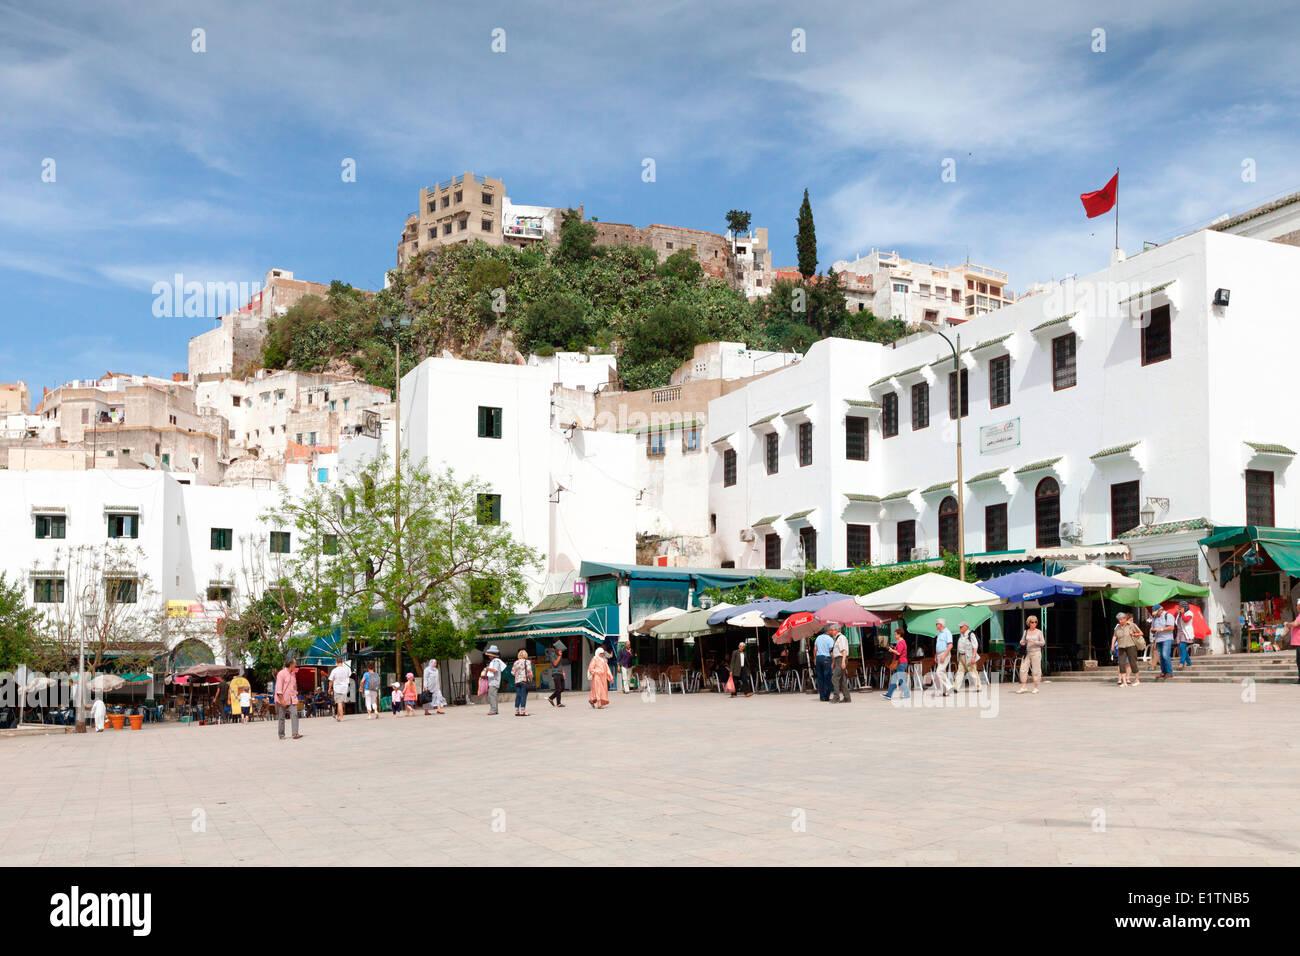 Blick auf den lokalen Cafés und Restaurants auf dem Hauptplatz der Hügel Stadt von Moulay Idriss in der Nähe von Meknès in Marokko. Stockfoto